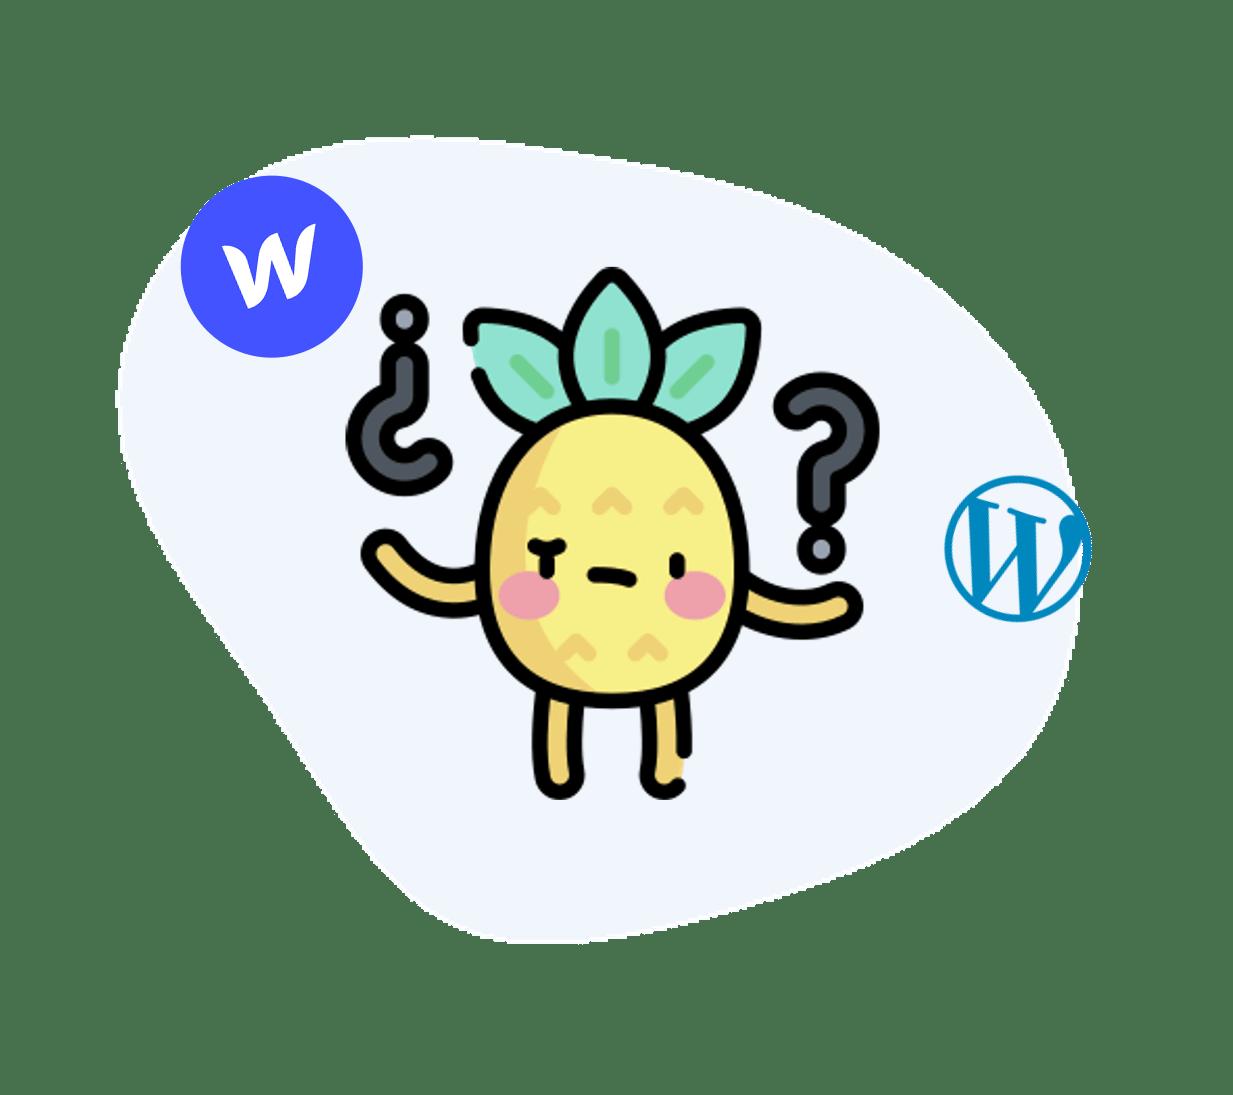 Digidop icône s'interrogeant sur l'utilisation de Webflow ou Wordpress